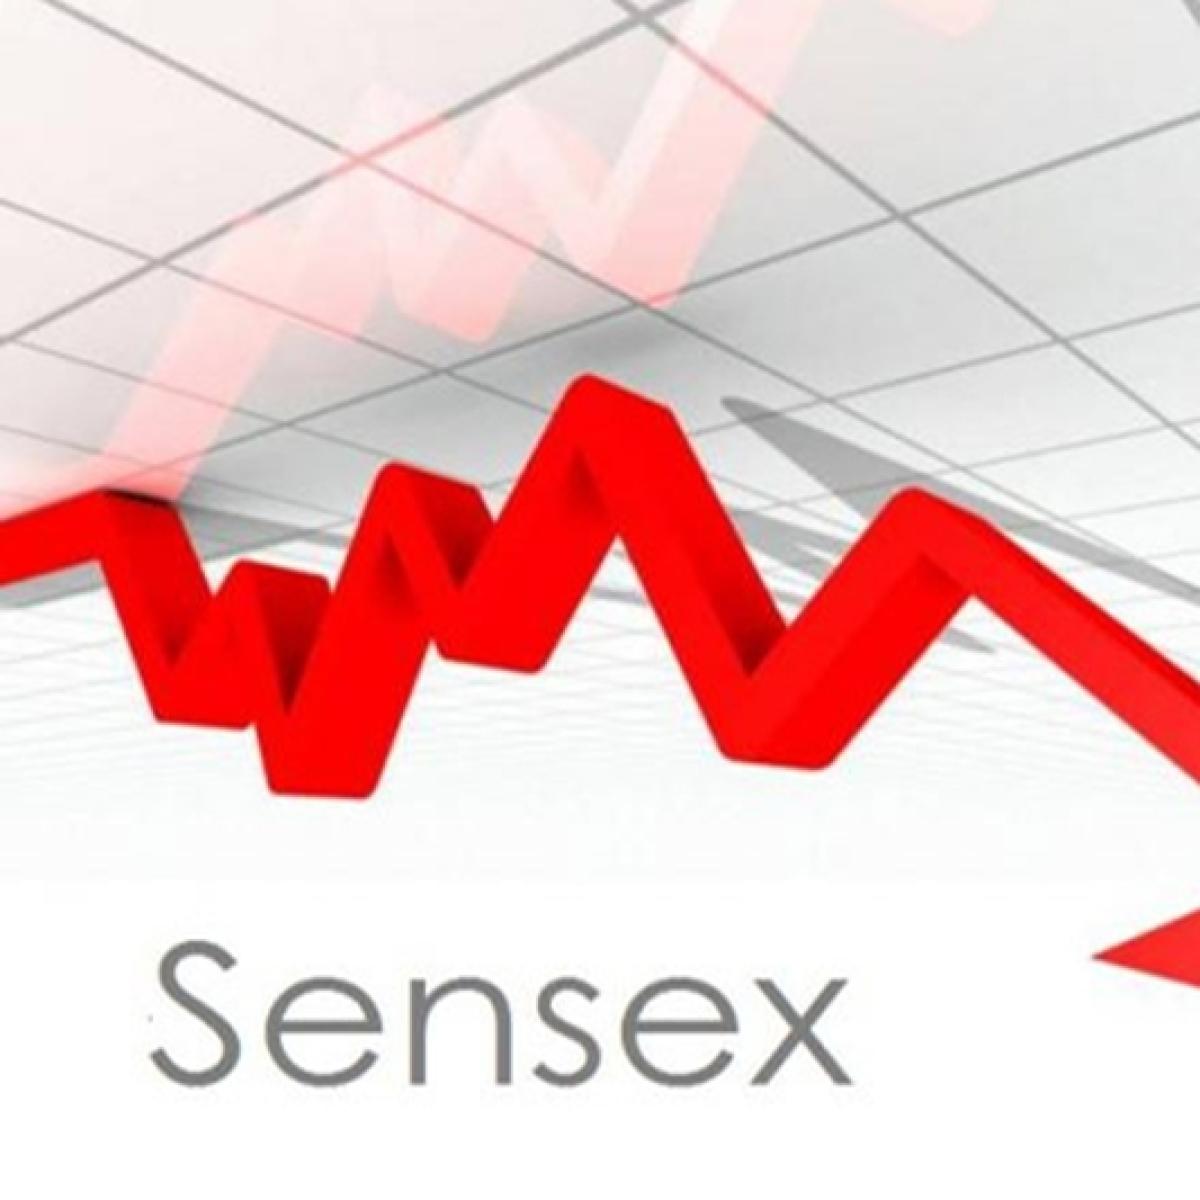 Stock market updates: Sensex tumbles 268 pts; Tata Motors tanks 9 pc